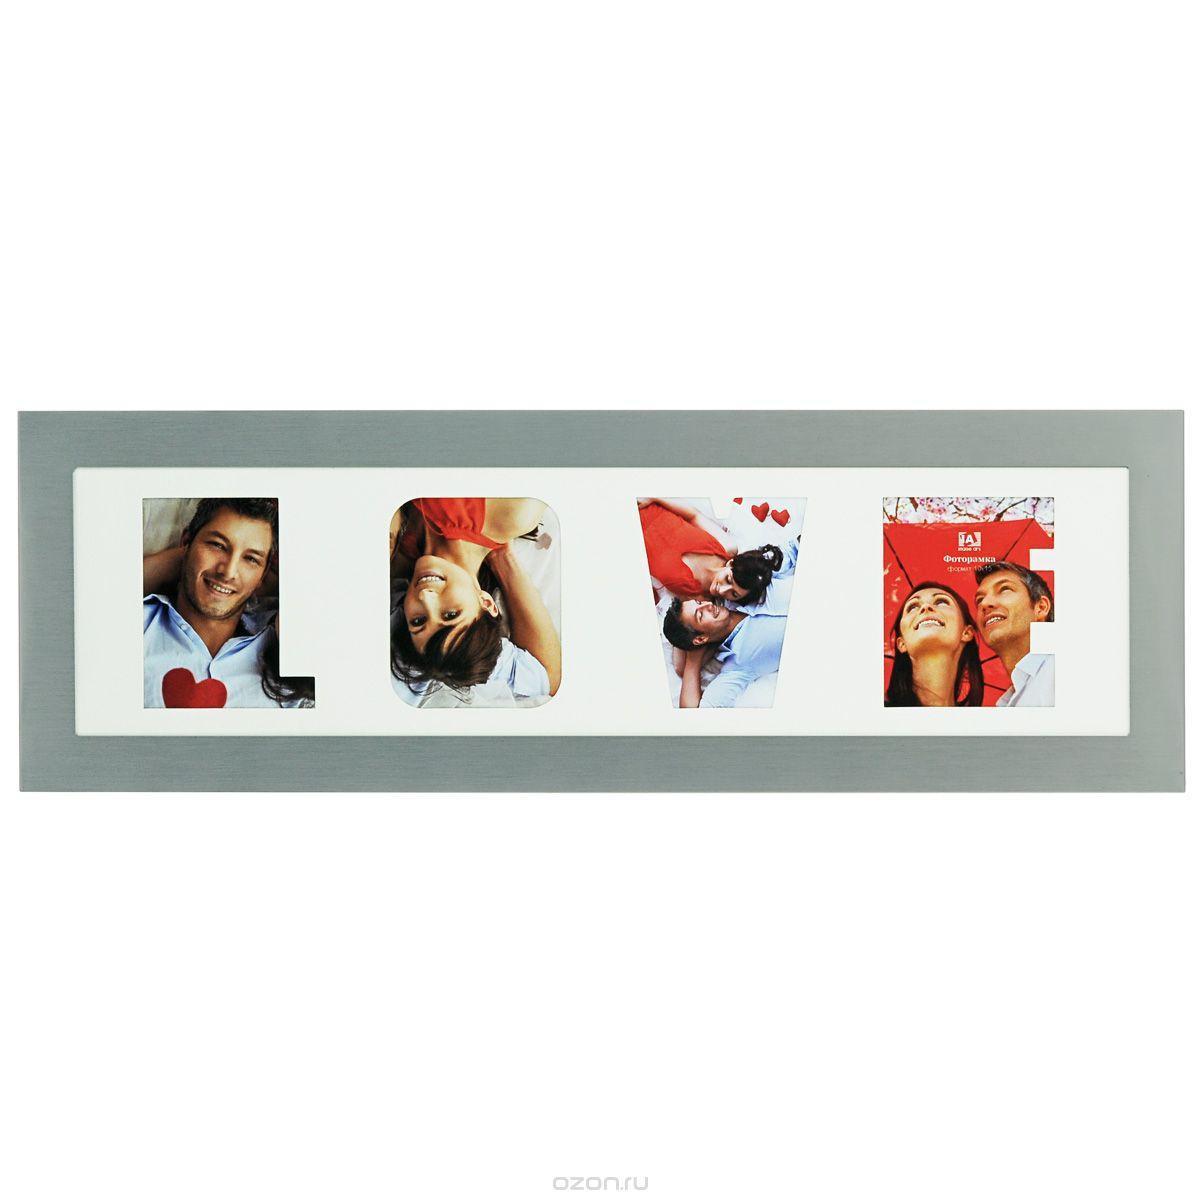 Фоторамка Image Art 6028/4-4S6028/4-4SФоторамка Image Art - прекрасный способ красиво оформить ваши фотографии. Изделие рассчитано на 2 фотографии. Фоторамка выполнена из металла и защищена стеклом. Фоторамку можно поставить на стол или подвесить на стену, для чего с задней стороны предусмотрены специальные отверстия. Такая фоторамка поможет сохранить на память самые яркие моменты вашей жизни, а стильный дизайн сделает ее прекрасным дополнением интерьера.